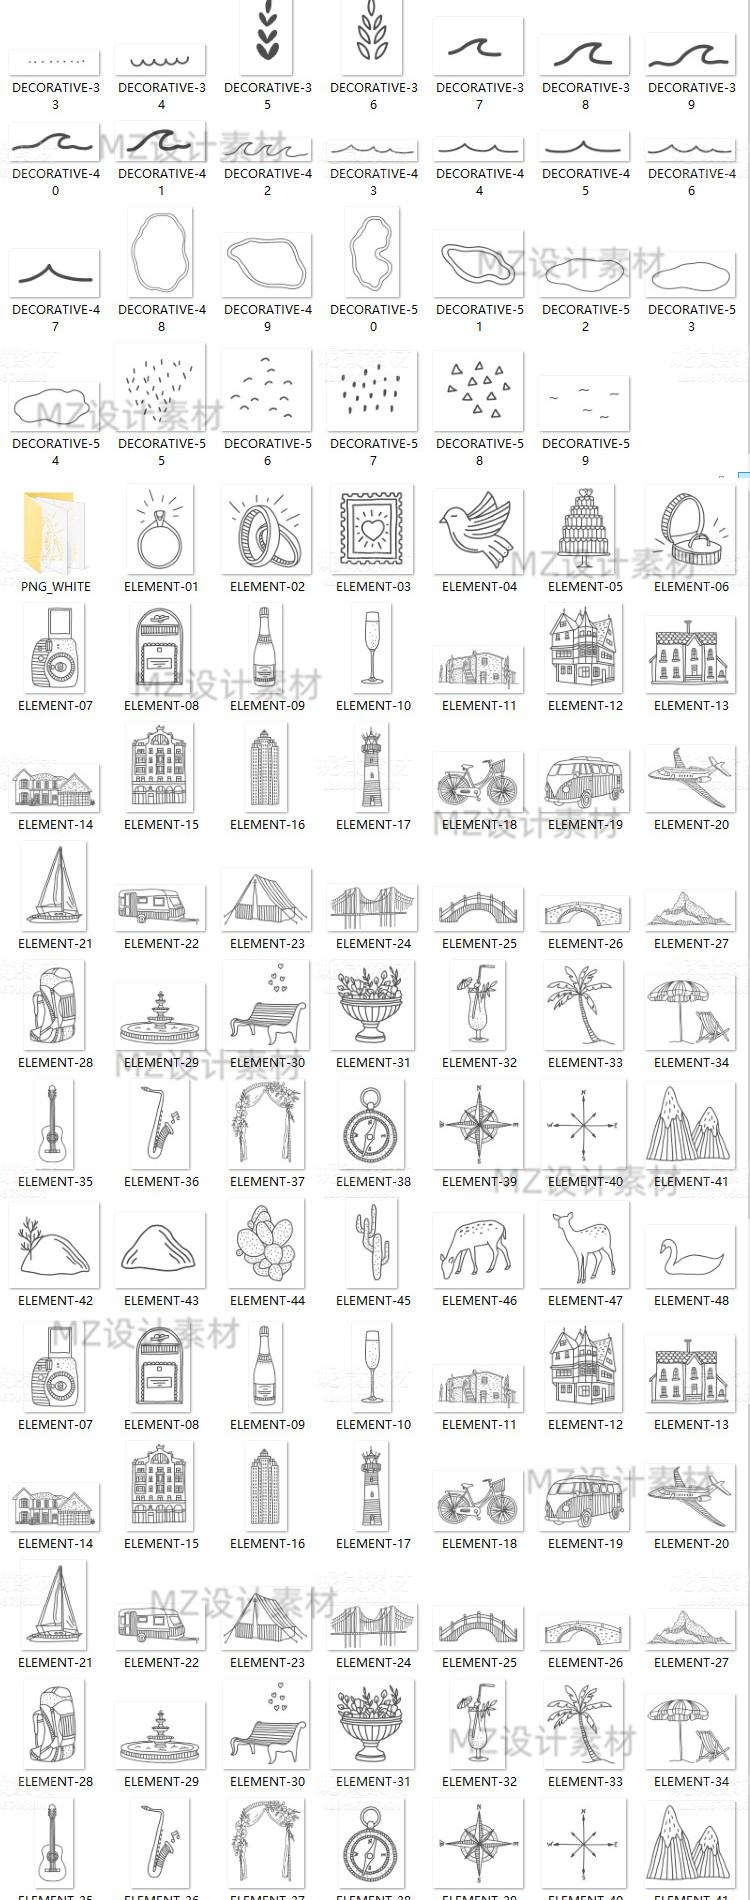 手绘线稿ins风植物动物建筑物花环婚礼地图矢量插画PNG图ps素材 素材包-第6张